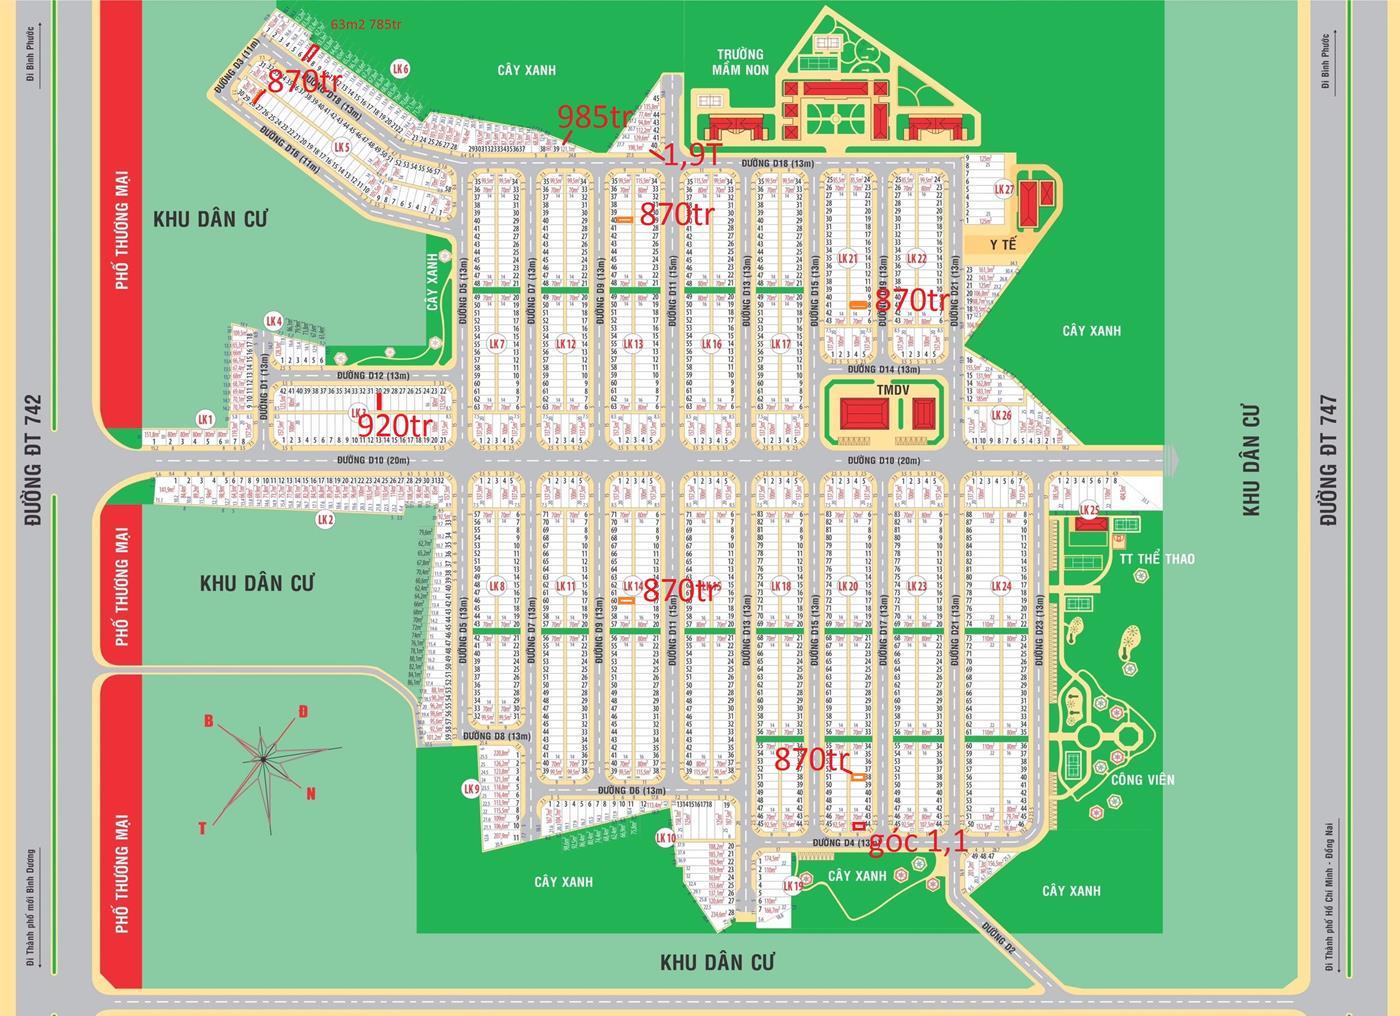 Lô góc LK6 - ô 40 giá rẻ 2tỷ1 (chưa chiết khấu) 198m2 gần đại học quốc tế Miền Đông